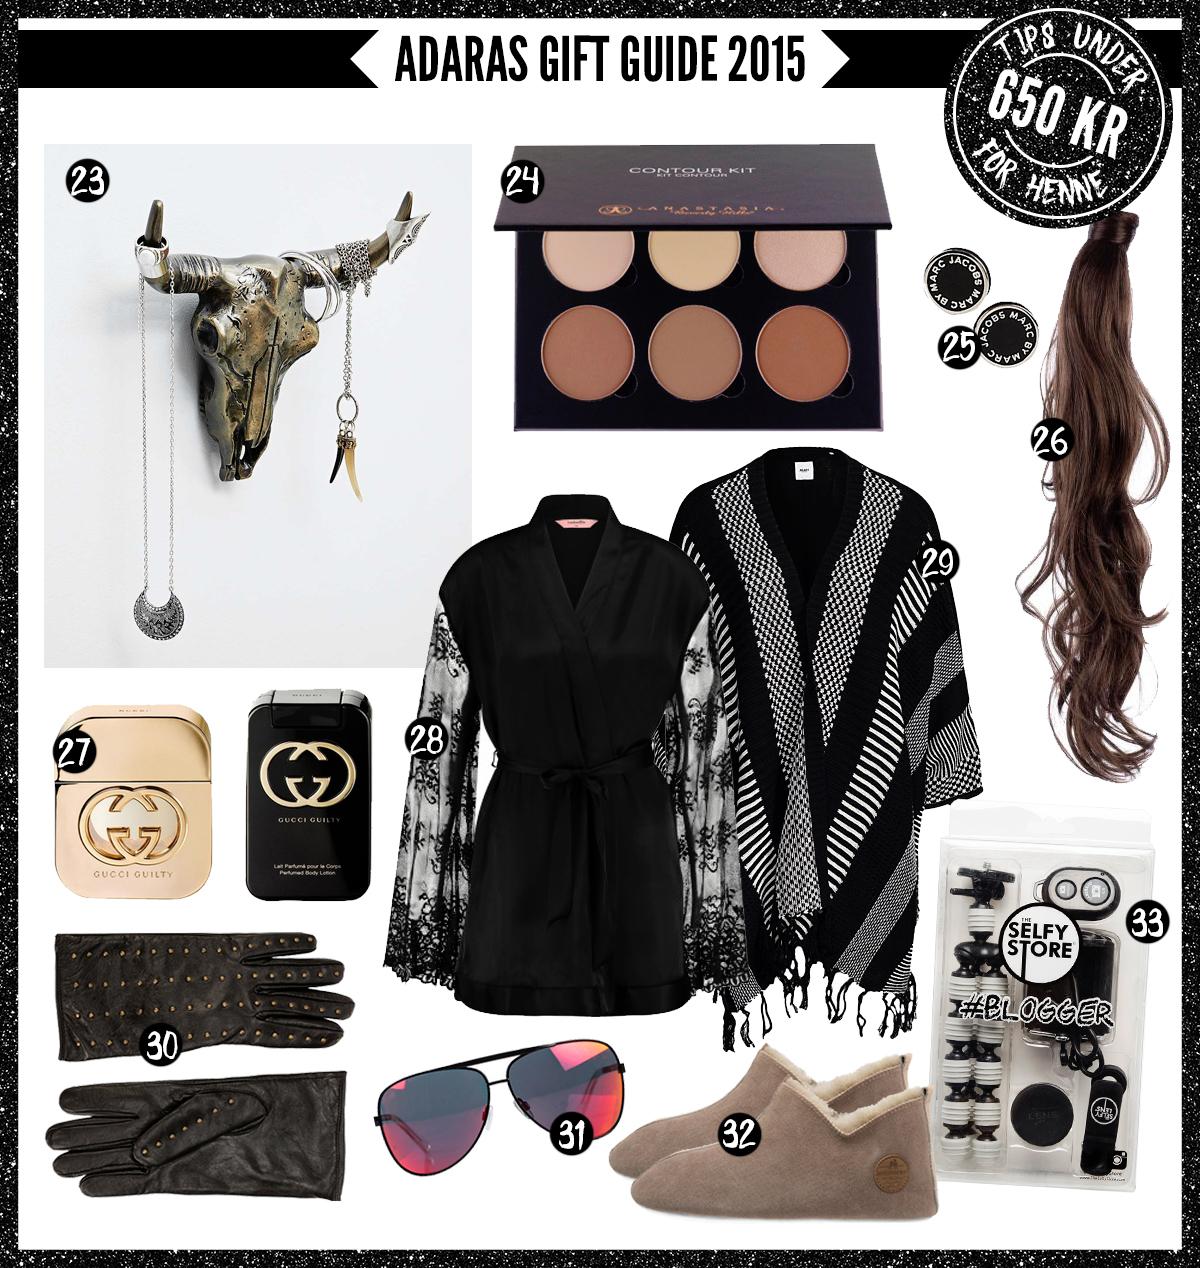 Adaras Gift Guide 2015 -Julklappstips till henne - under 650 kronor